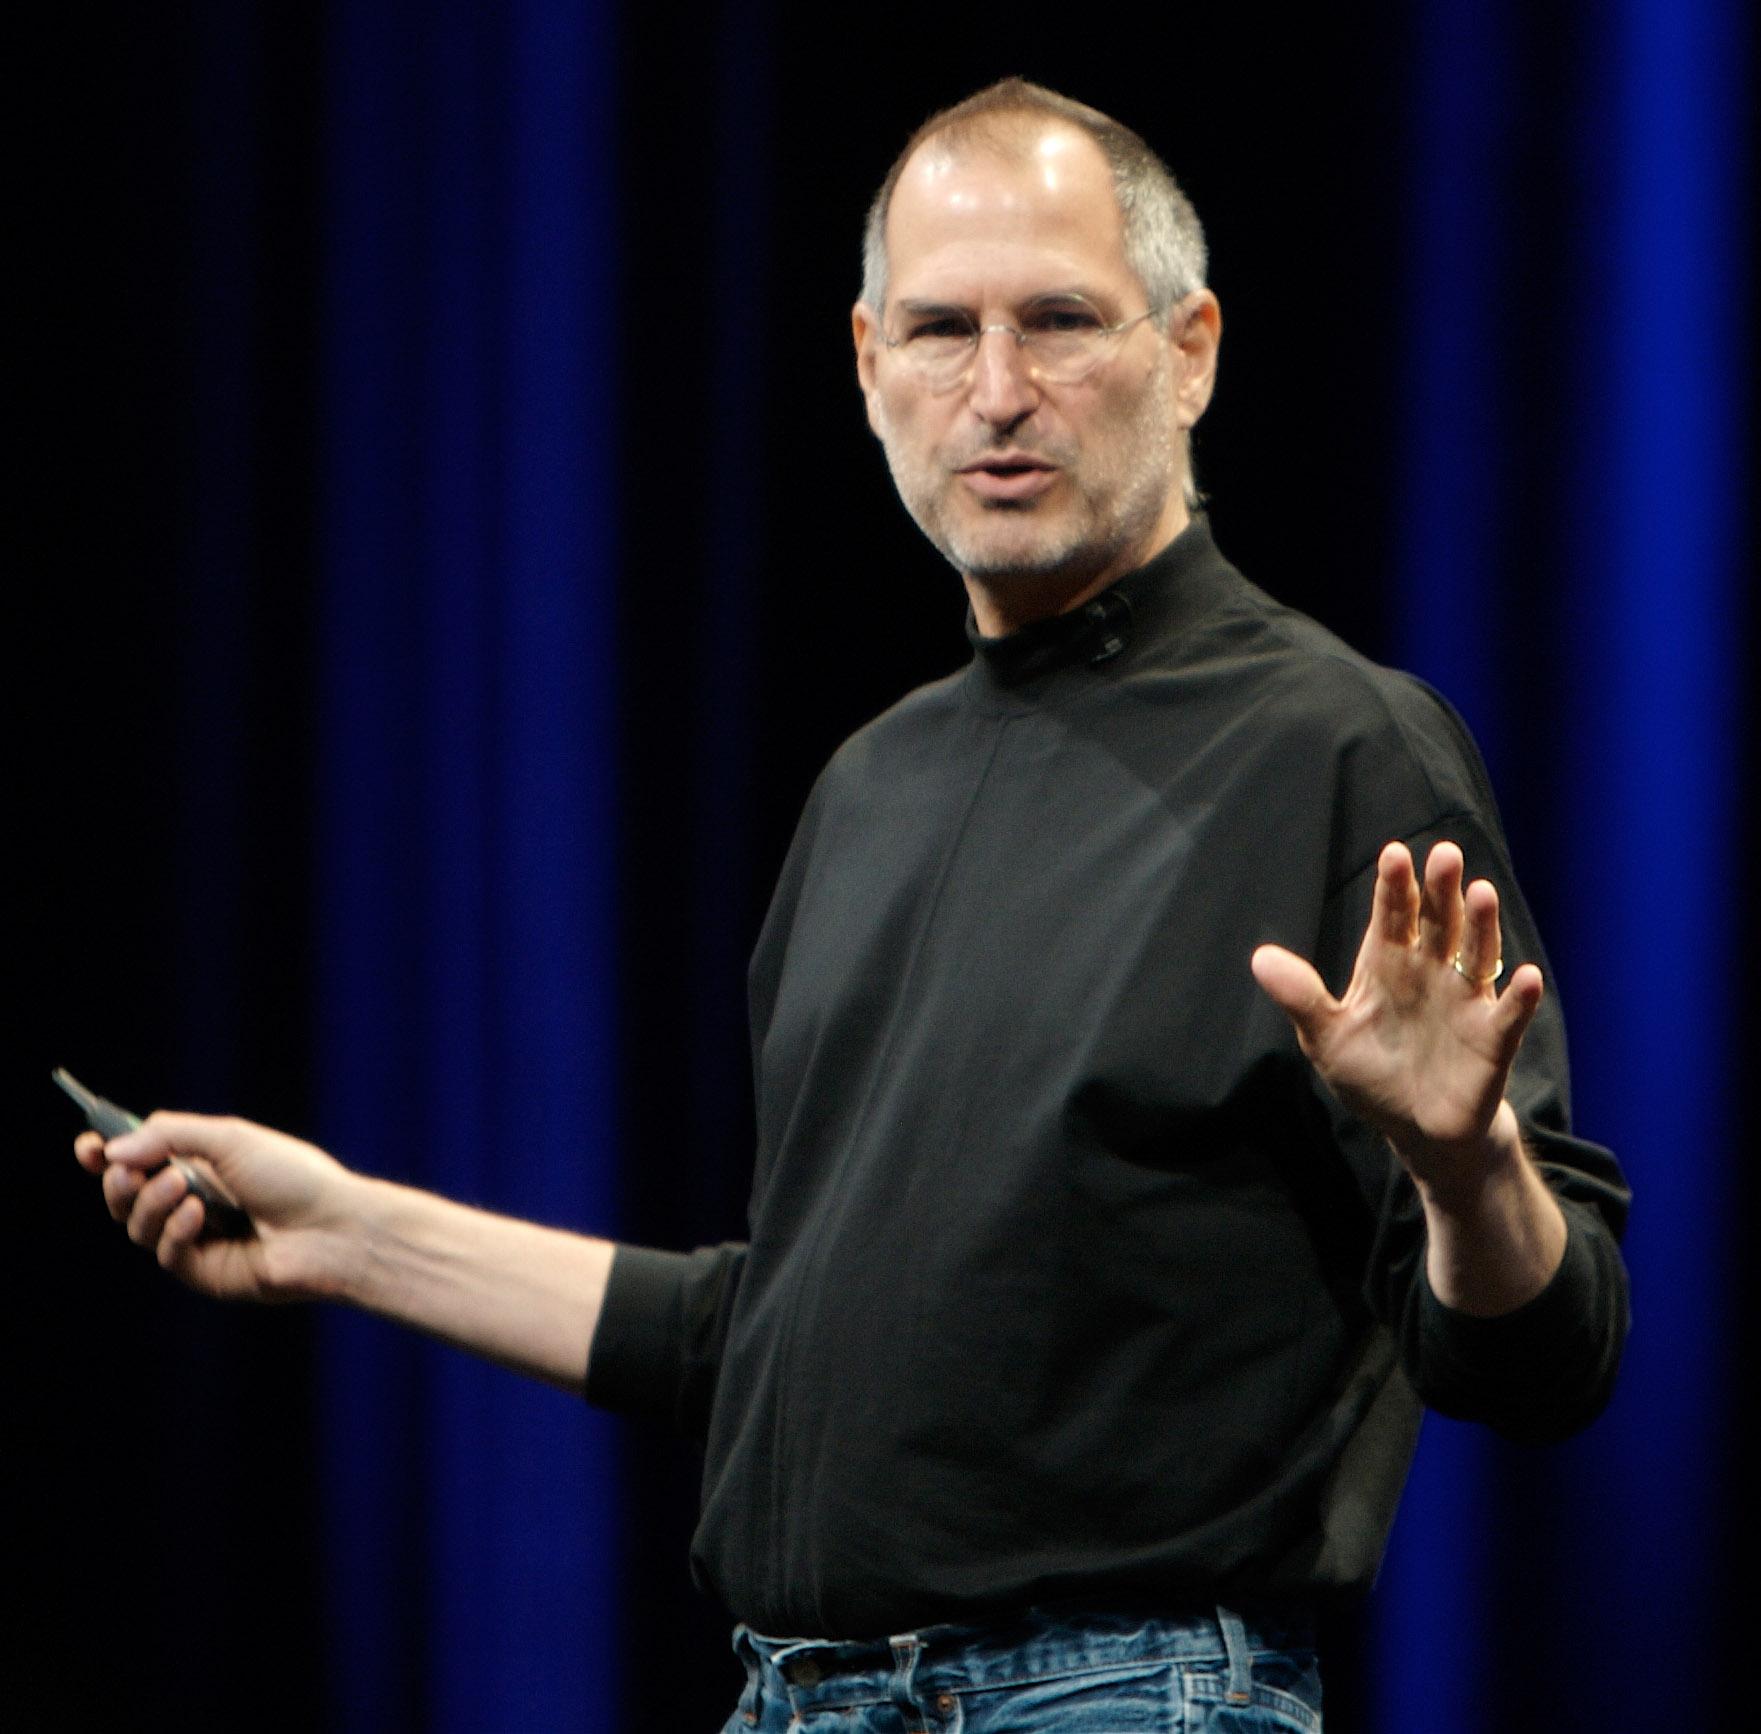 Steve Jobs' salary: still $1 per year